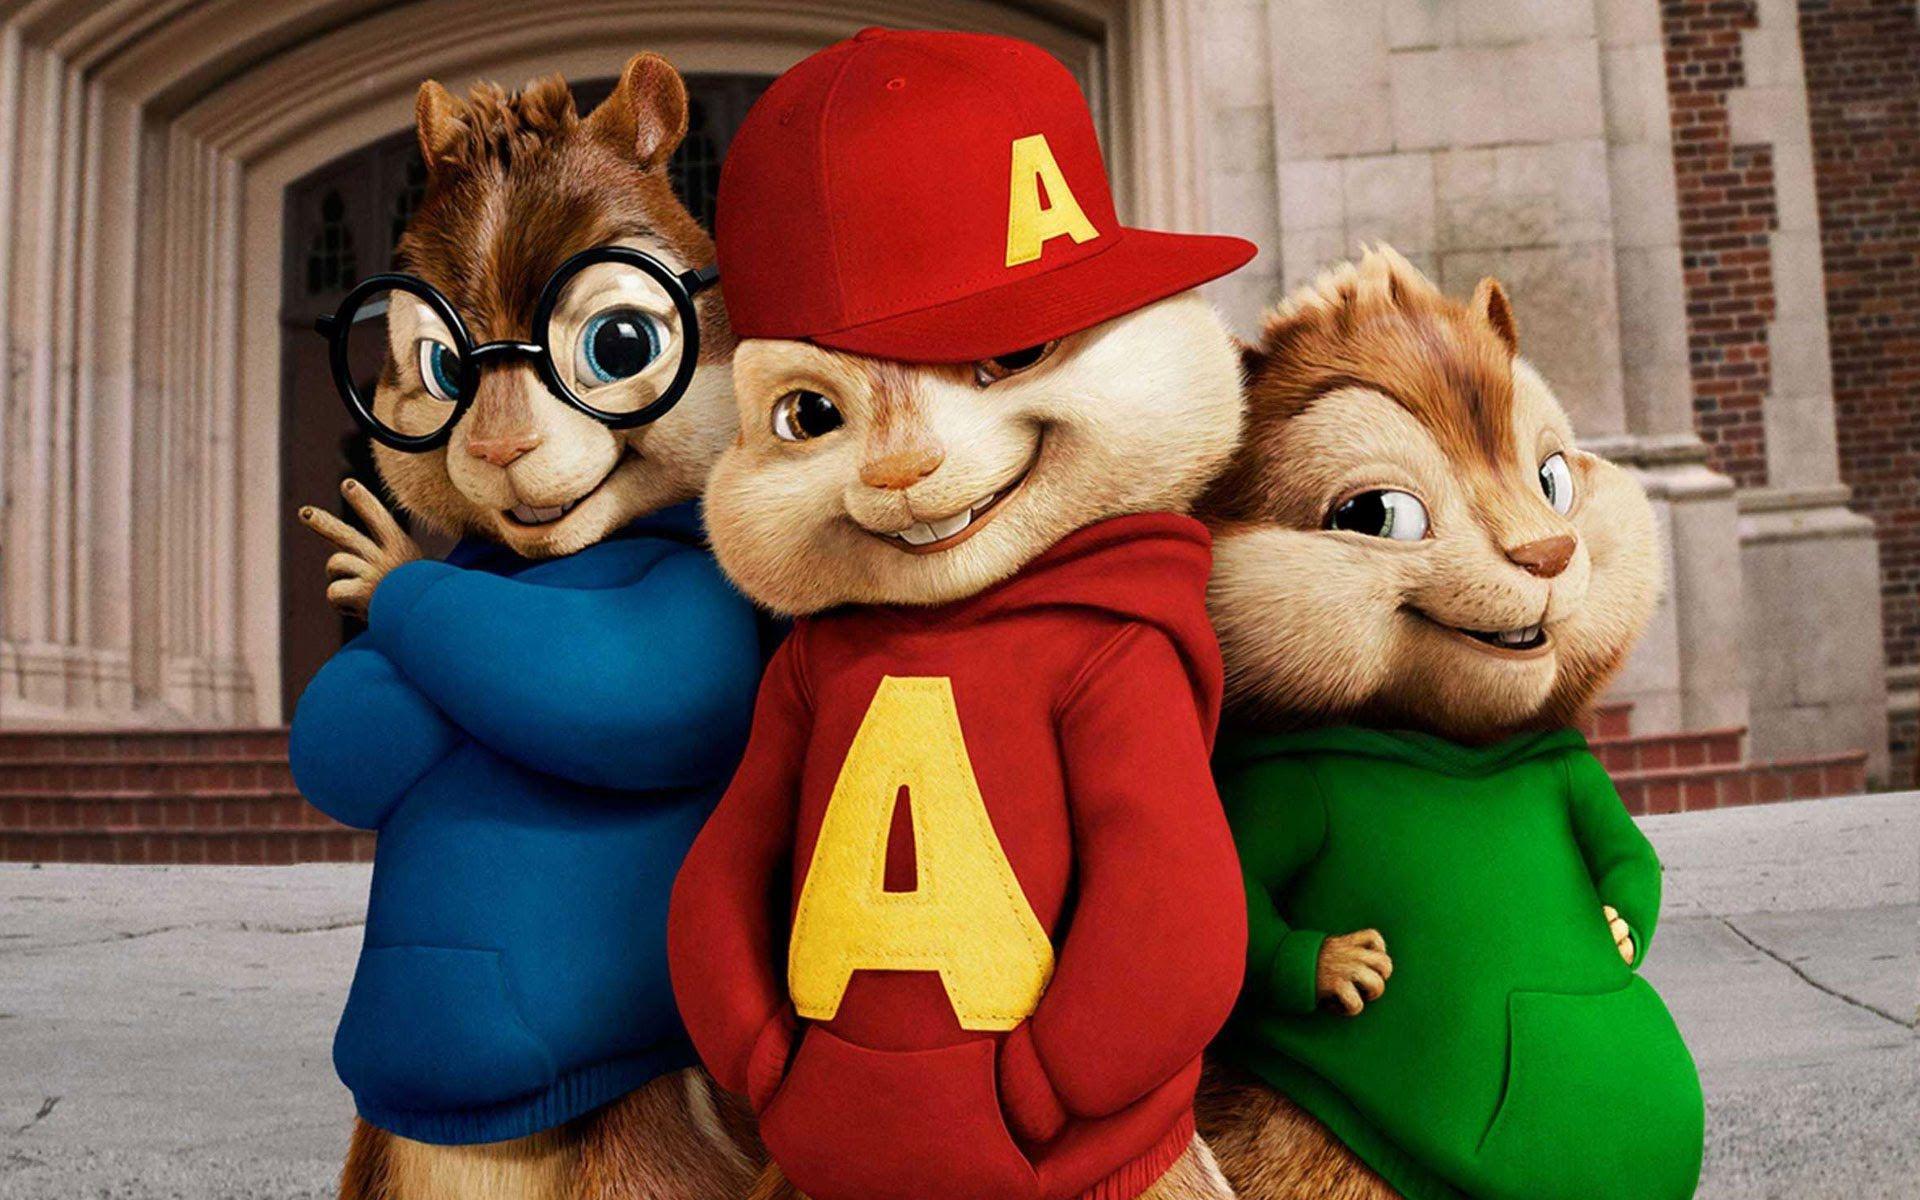 Alvin And The Chipmunks 3 Images alvin und die chipmunks 3 der film deutsch - kinderfilme